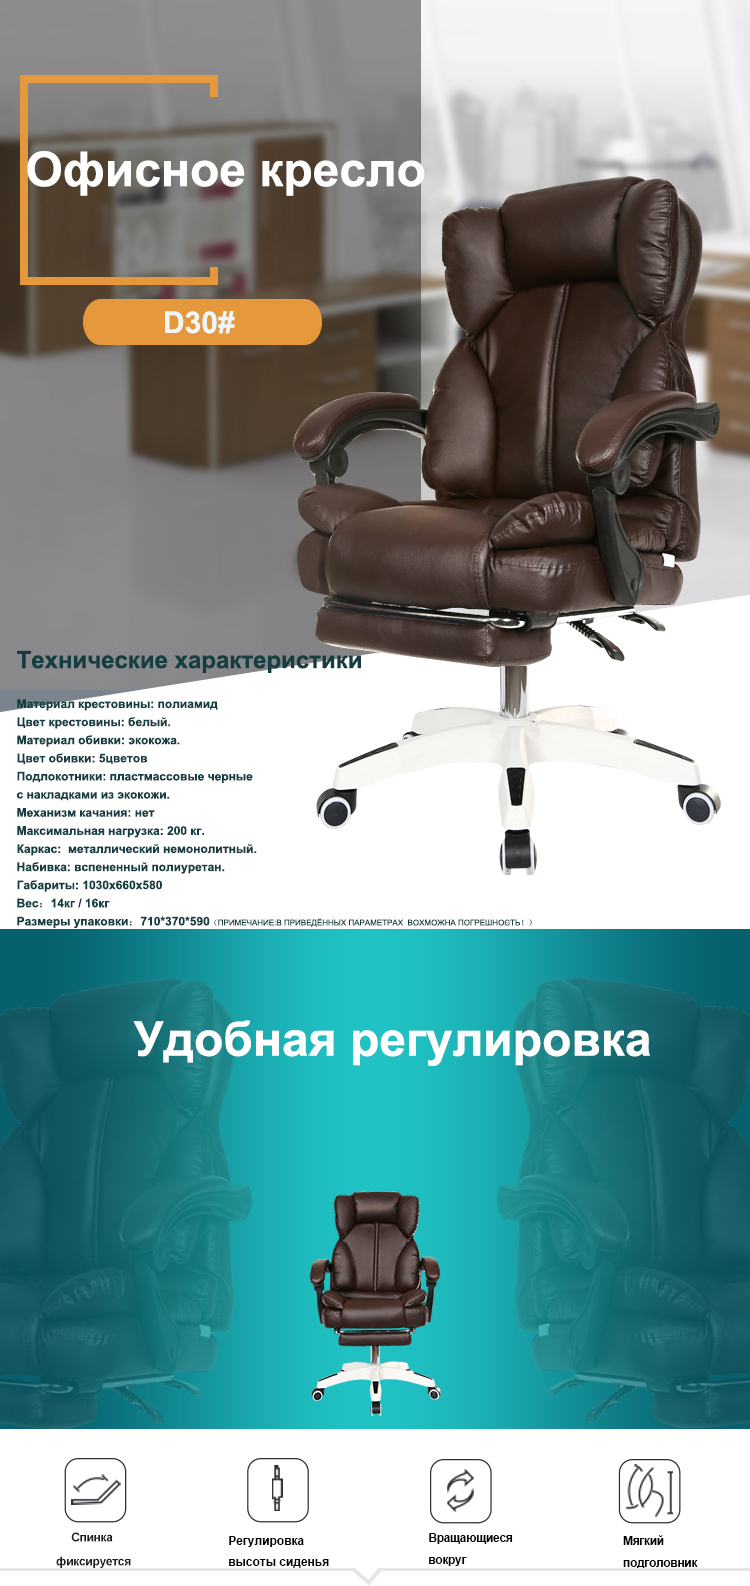 материал обивки полиуретан